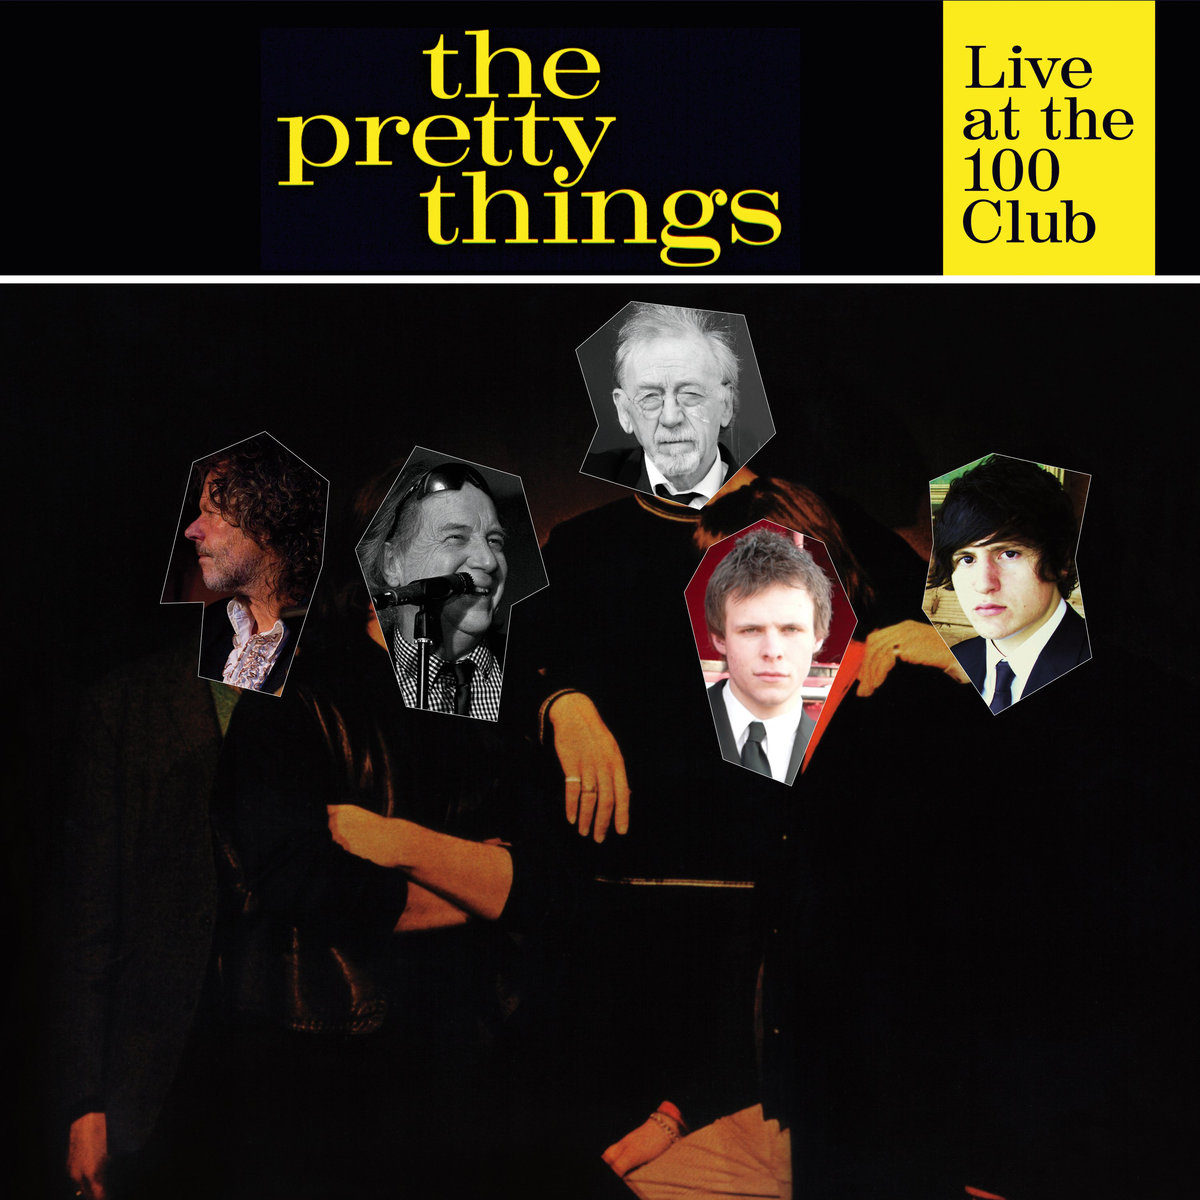 Pochette de l'album Live at the 100 Club.